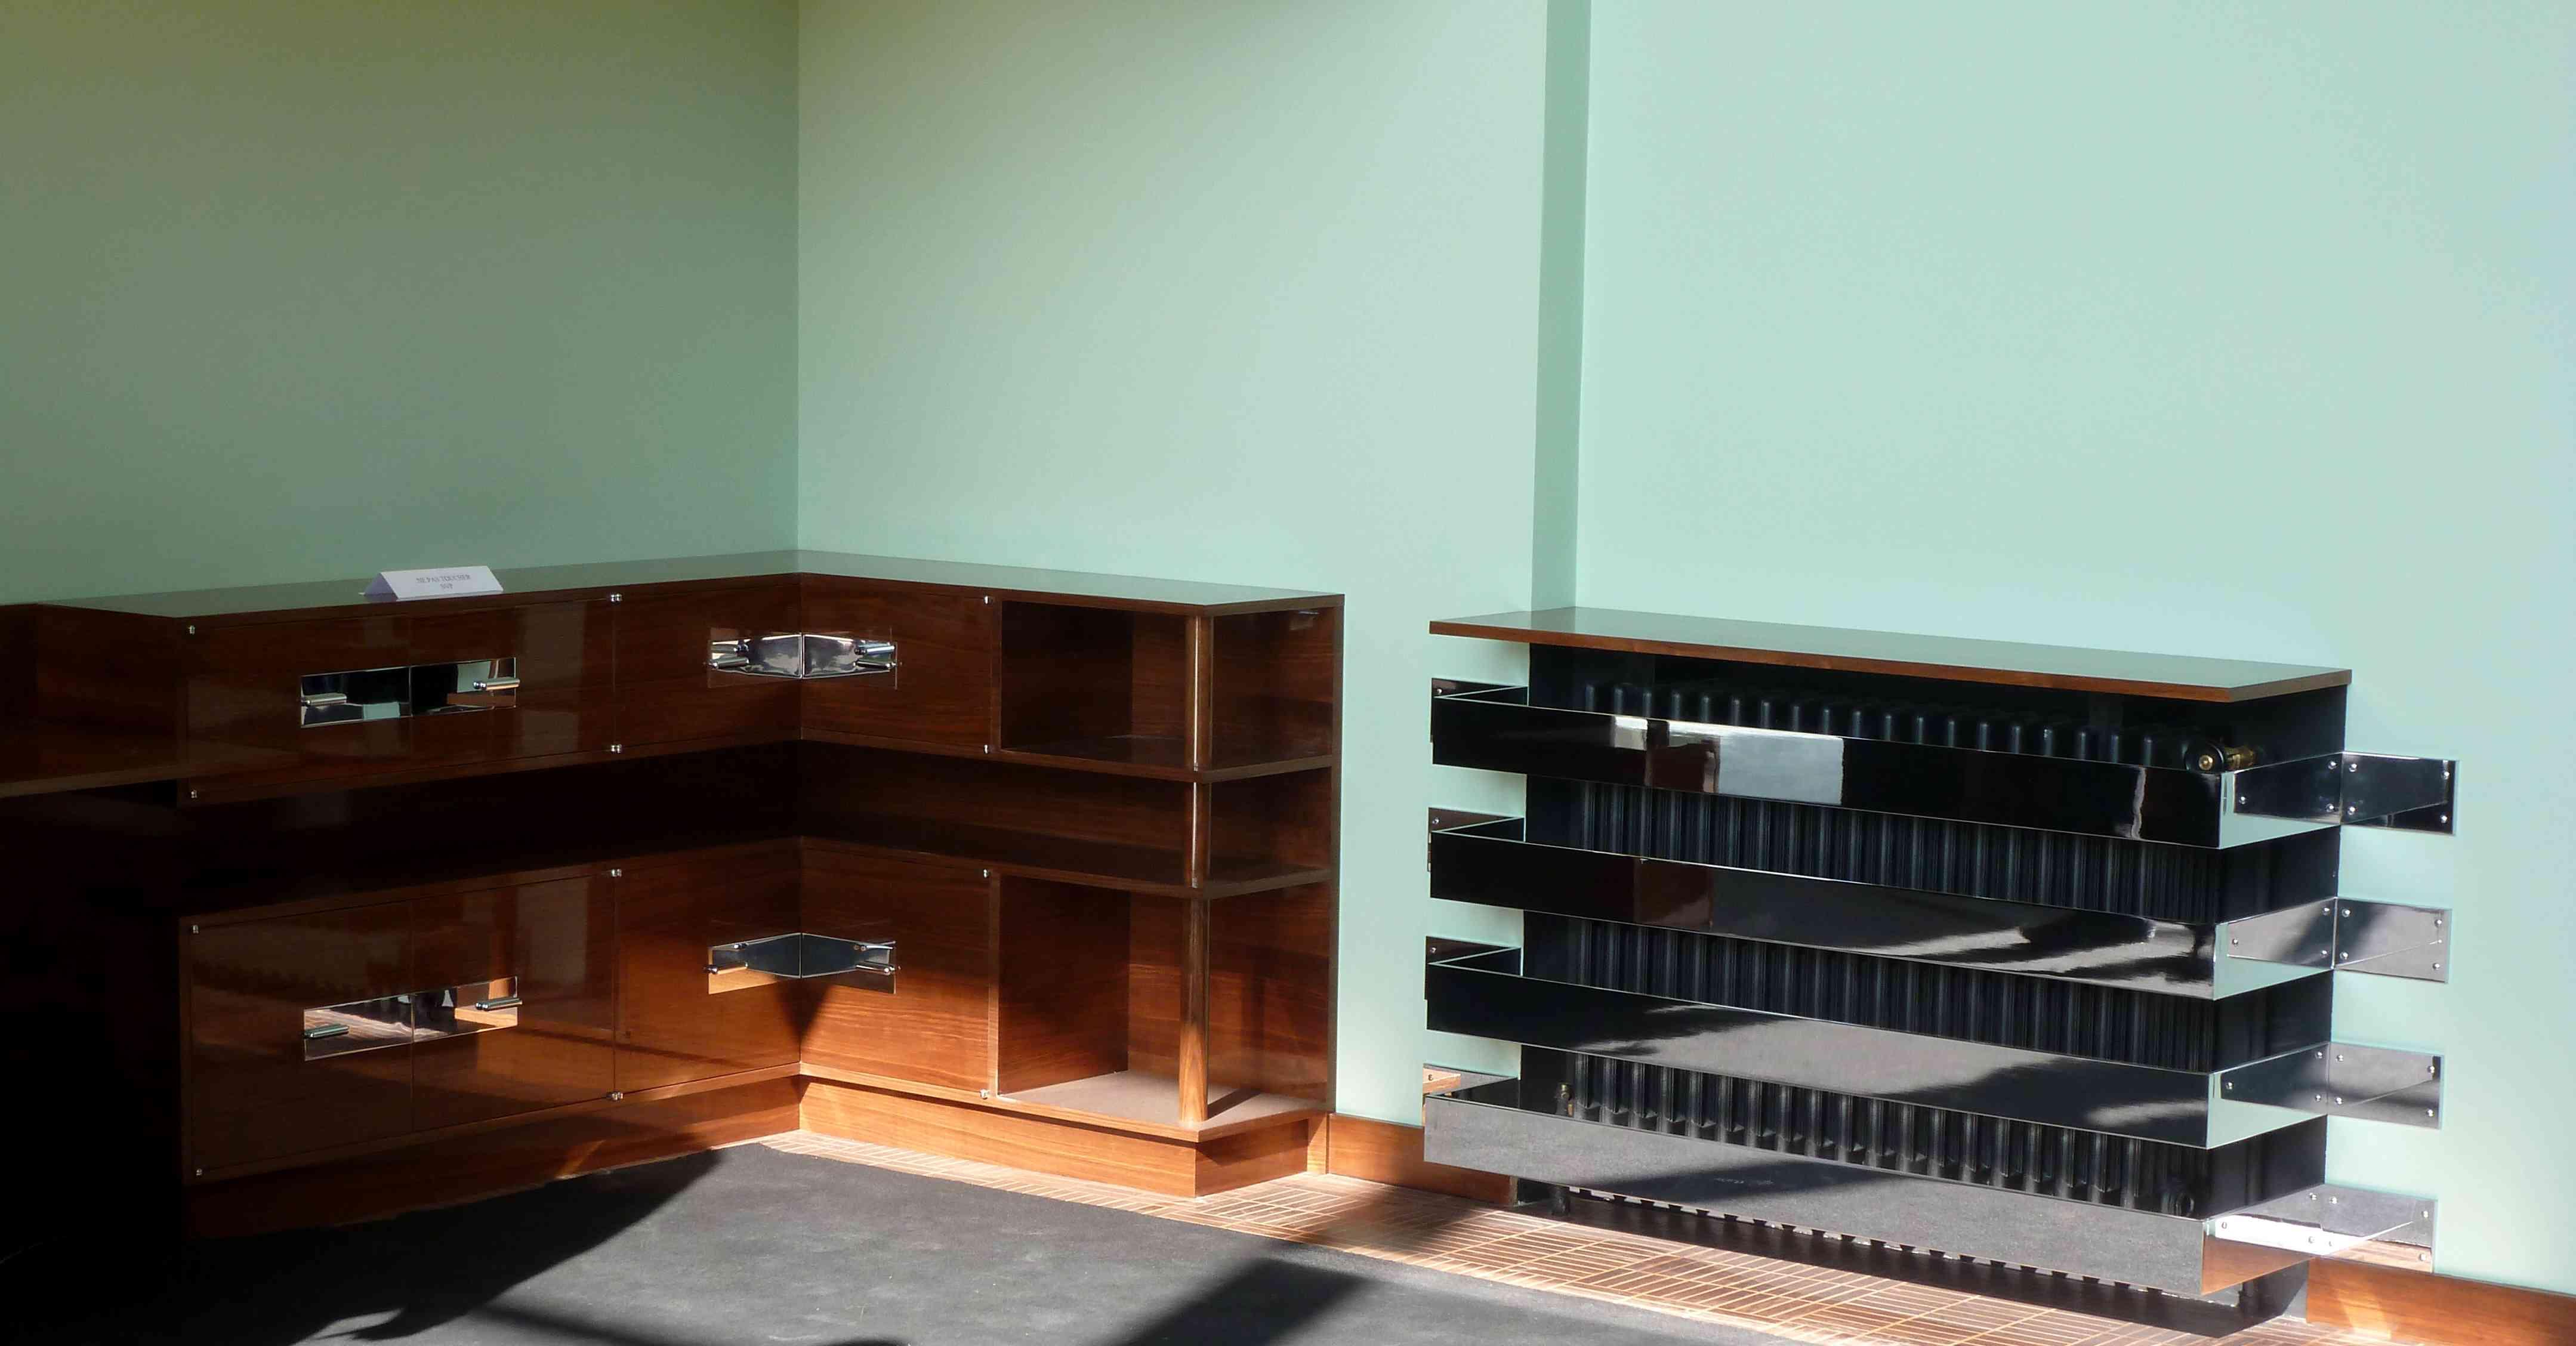 Villa Cavrois Croix 09-2013 salon meuble radiateur